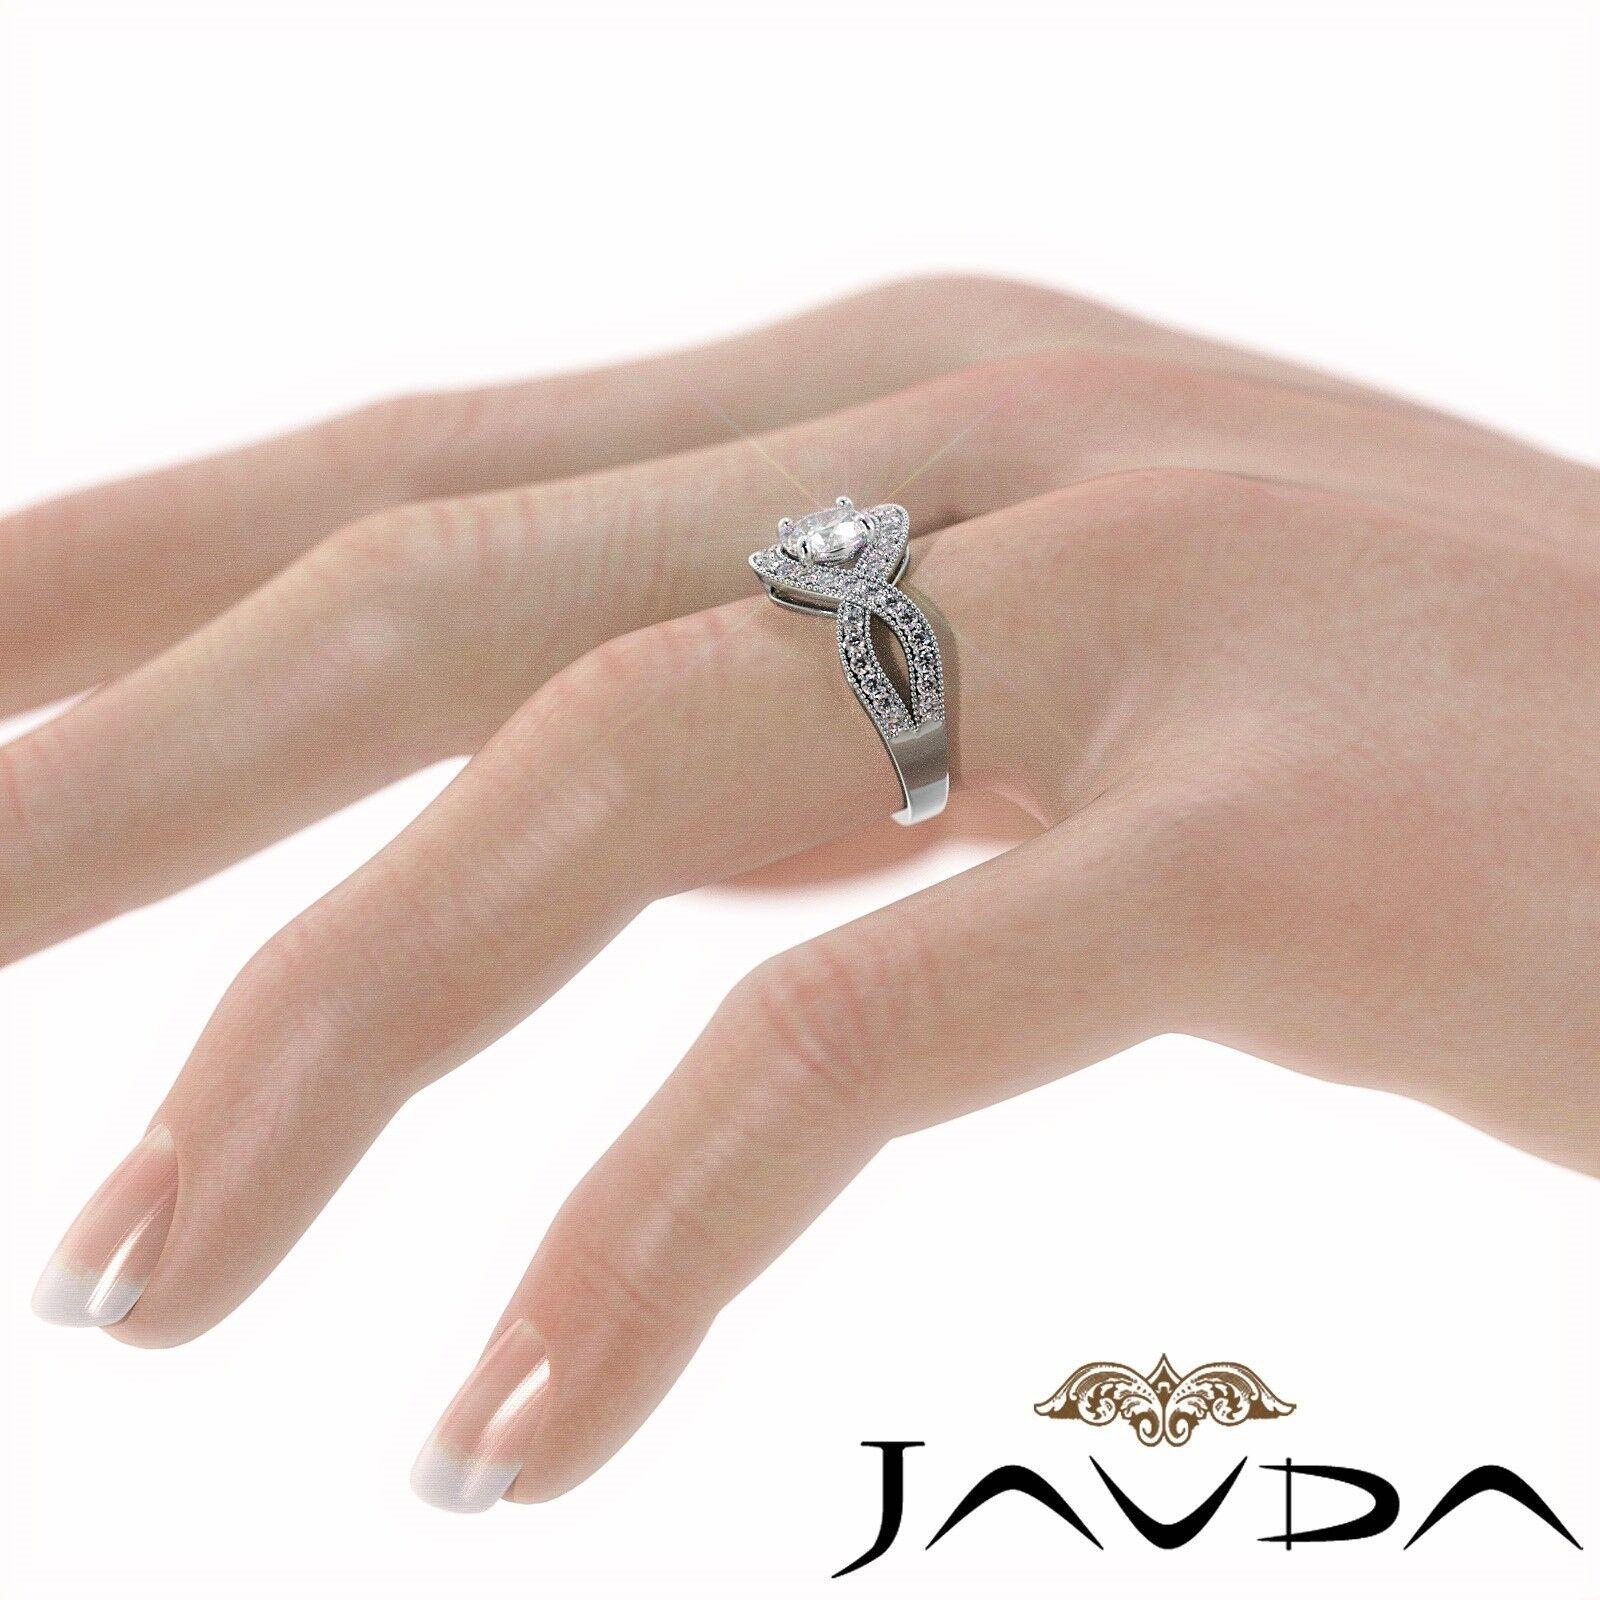 1.25ctw Milgrain Halo Side Stone Round Diamond Engagement Ring GIA G-VS1 W Gold 4